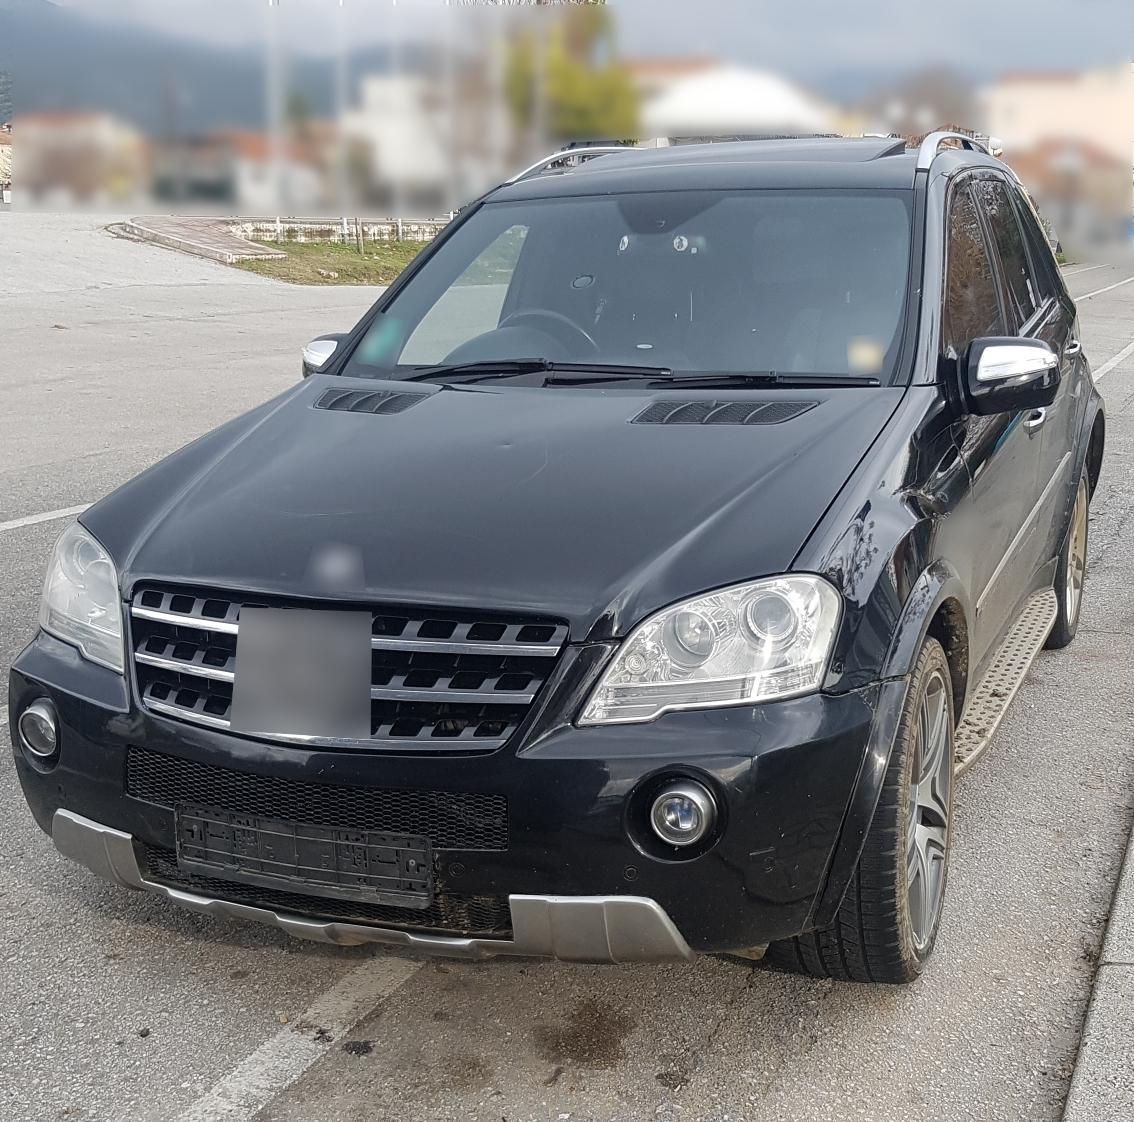 """Εγνατία Ξάνθης – Καβάλας: Διακινητής πέρασε """"σφαίρα"""" και δεν σταμάτησε"""